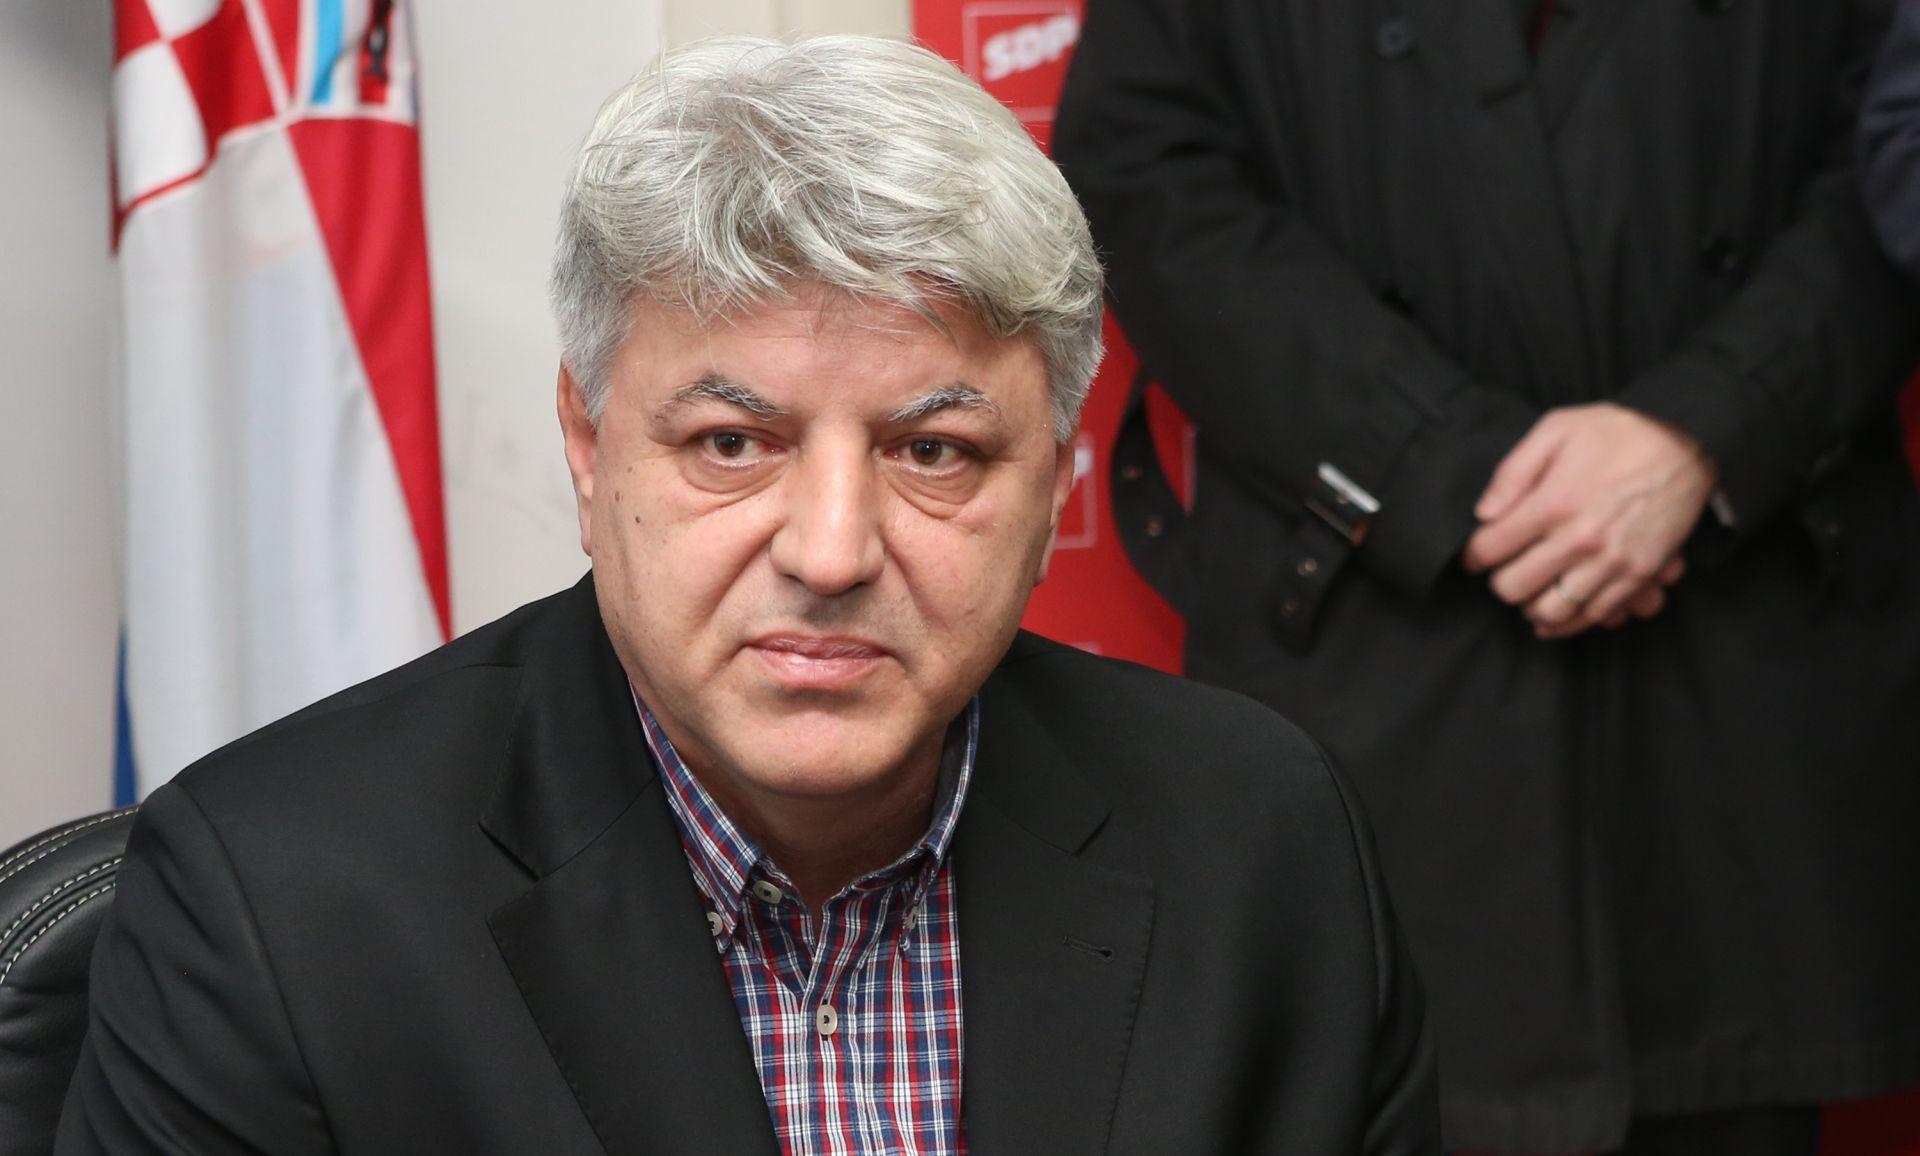 Komadina: Moliti se da HDZ ode u oporbu, a vrijeme će pokazati je li to moguće preuzimanjem nove koalicije s Mostom